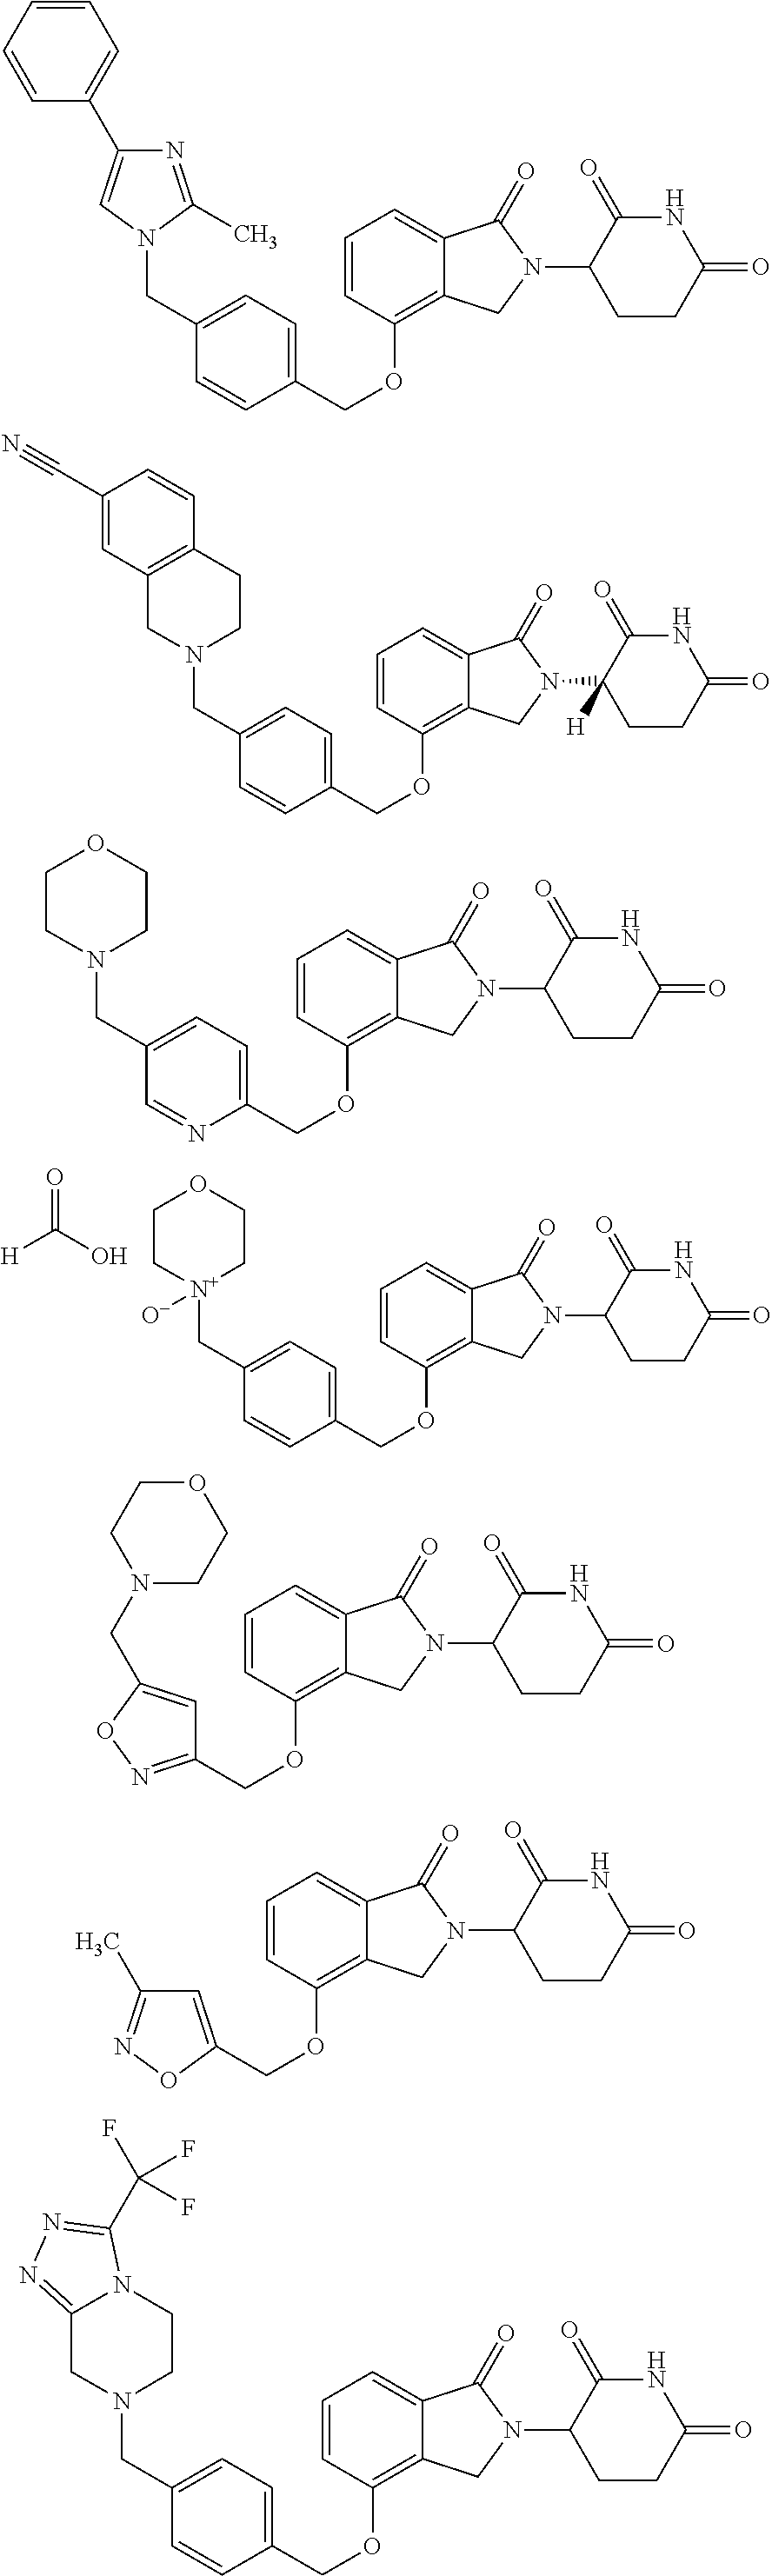 Figure US09822094-20171121-C00014